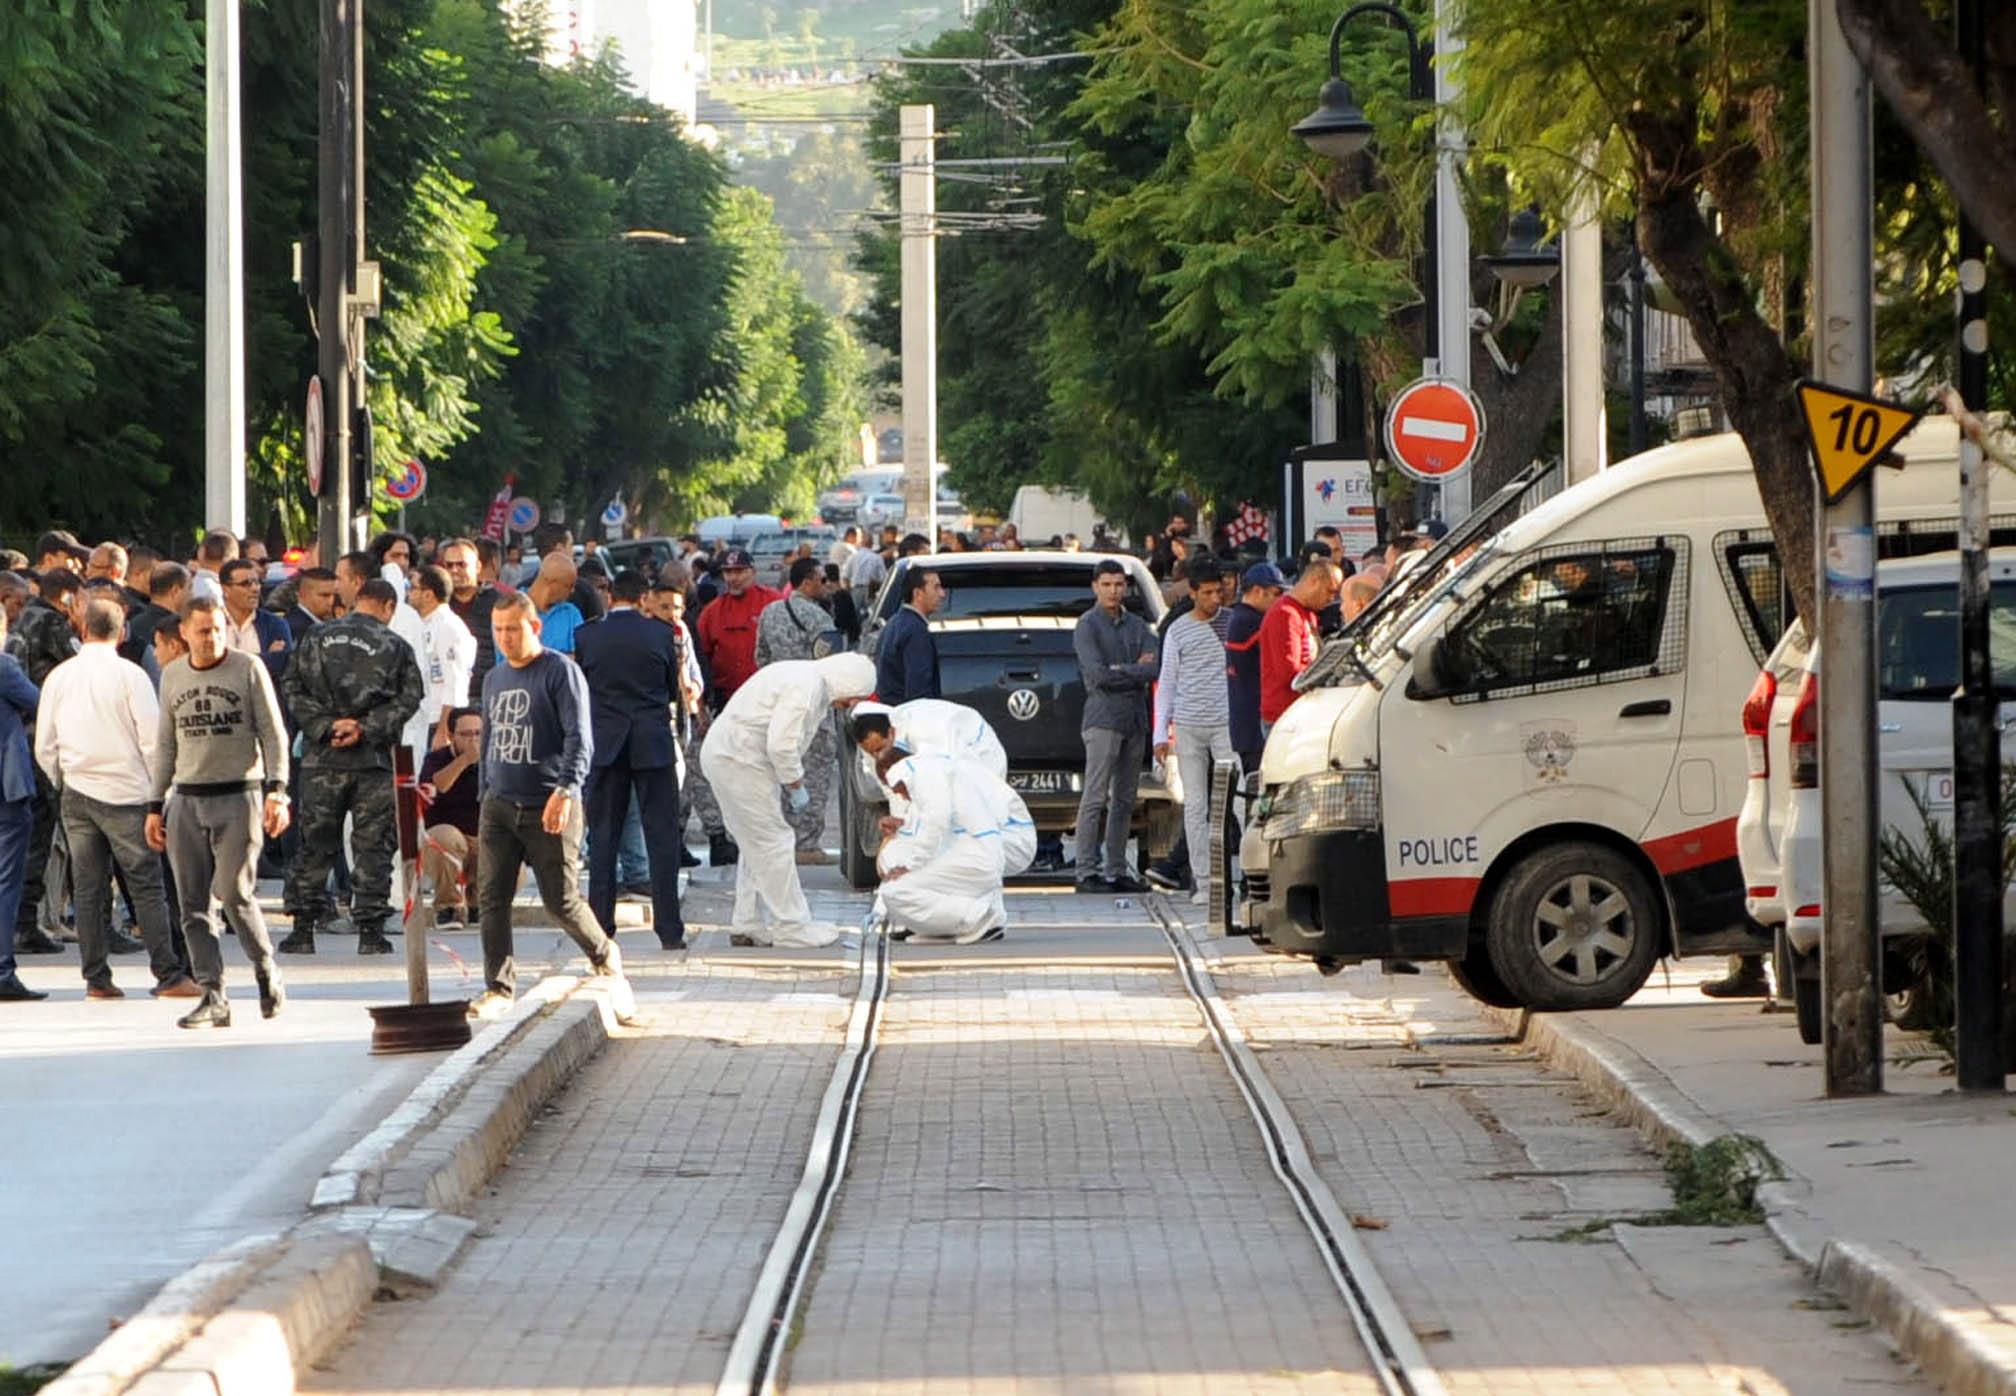 Žena se raznijela u centru Tunisa, ranjeno osam policajaca i civil